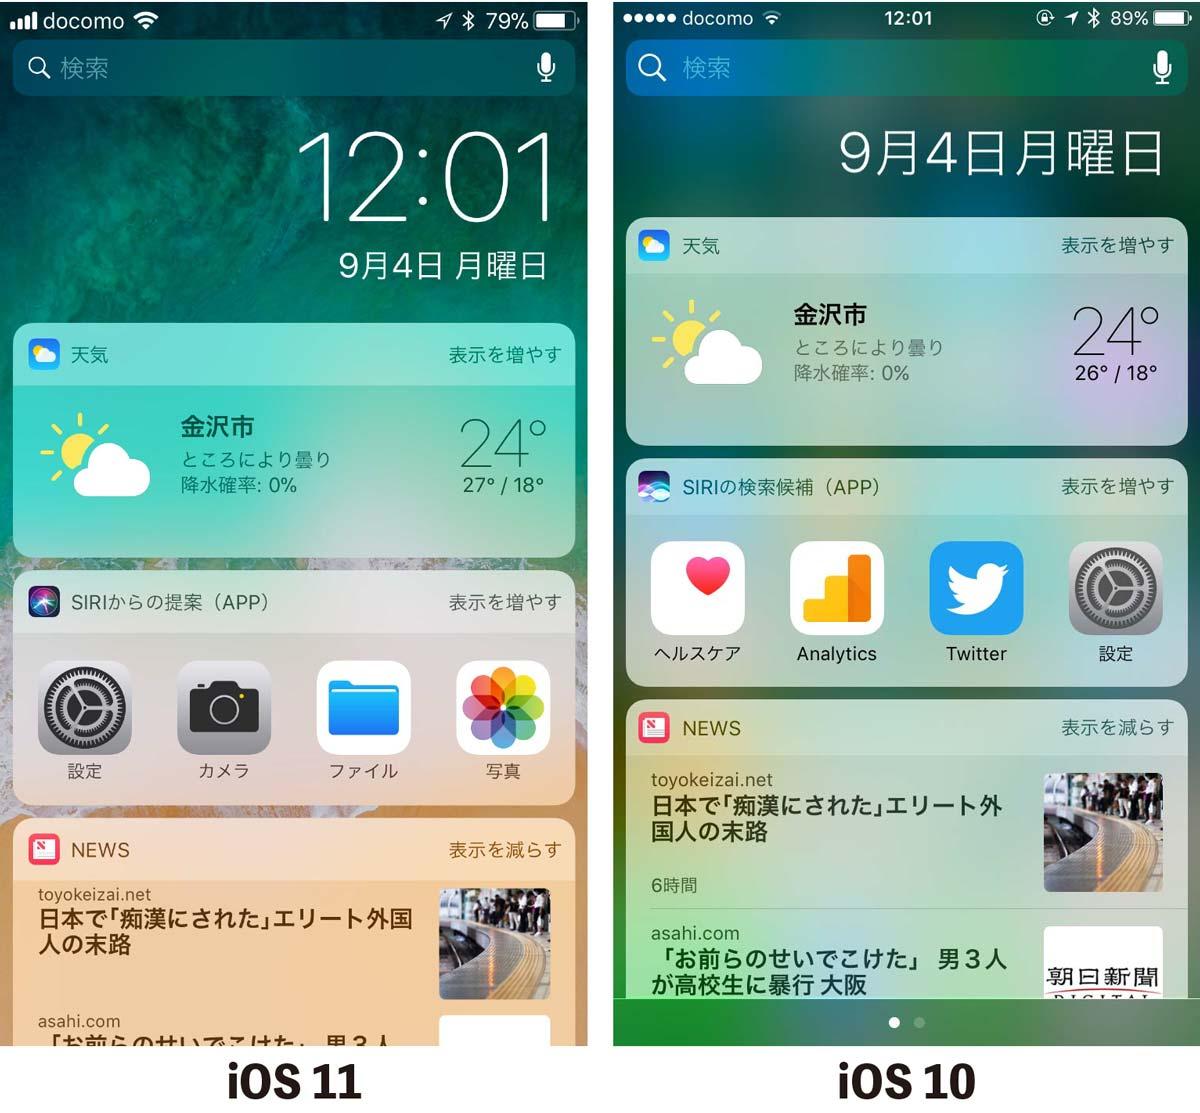 iOS11 vs iOS10 ウェジェット画面